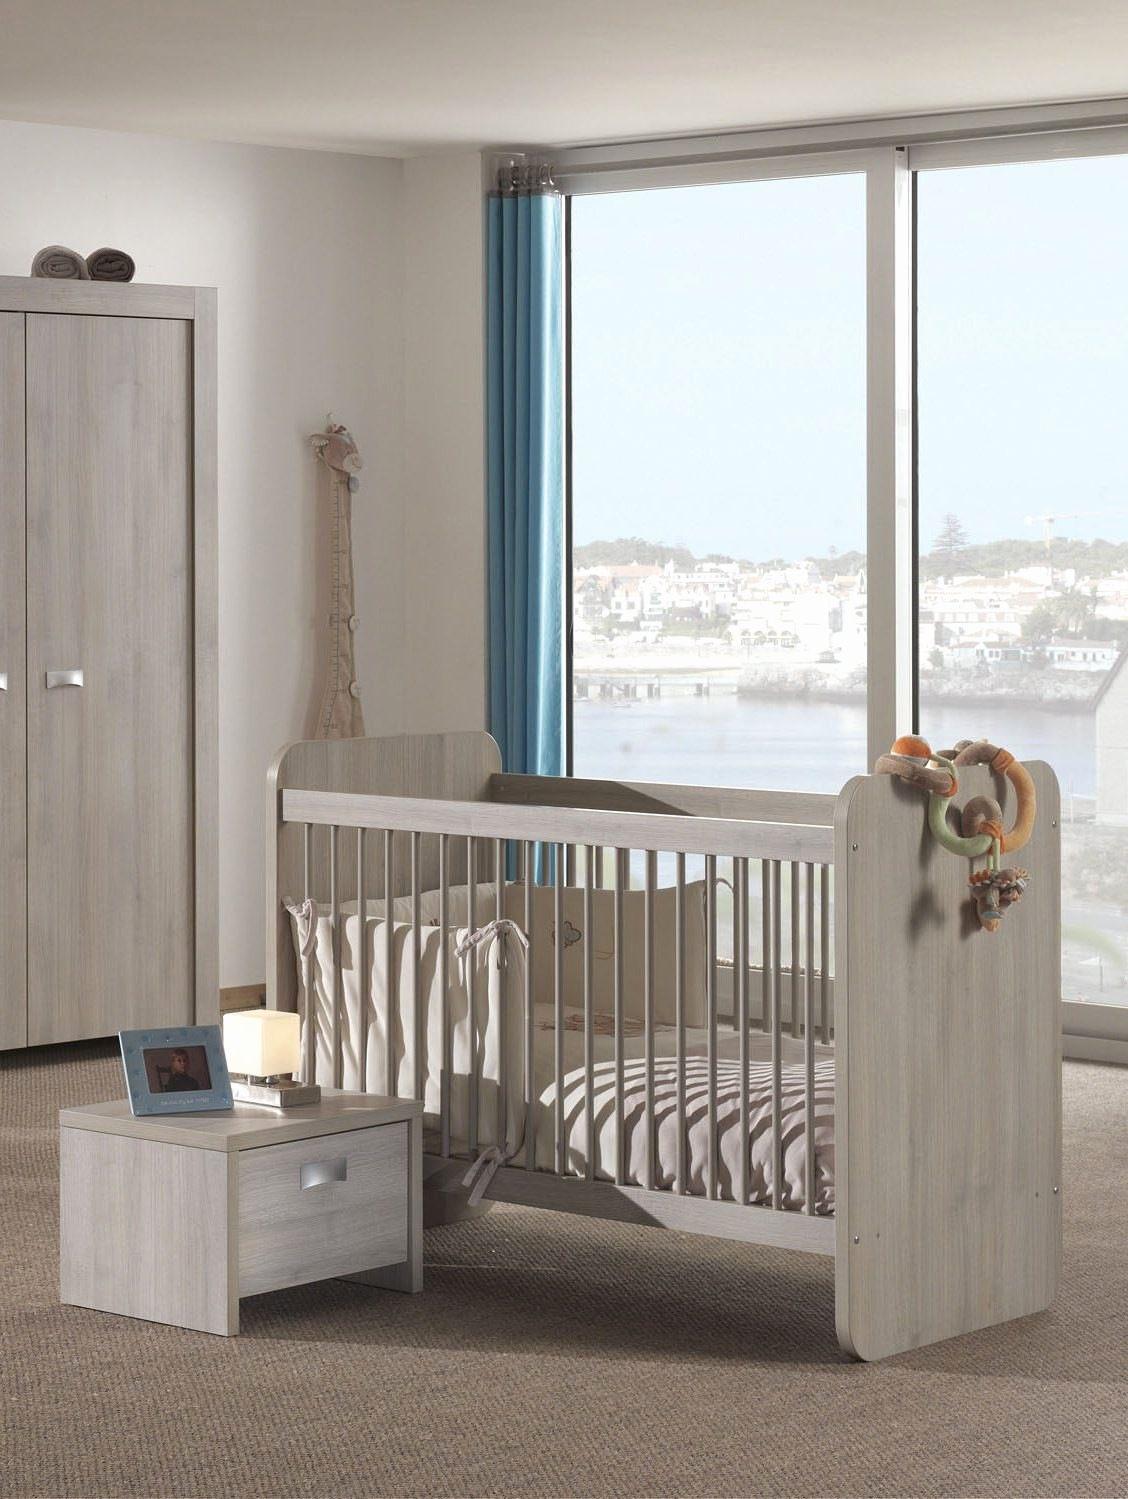 Lit Bébé 1 An Charmant Lit Bébé Design Matelas Pour Bébé Conception Impressionnante Parc B